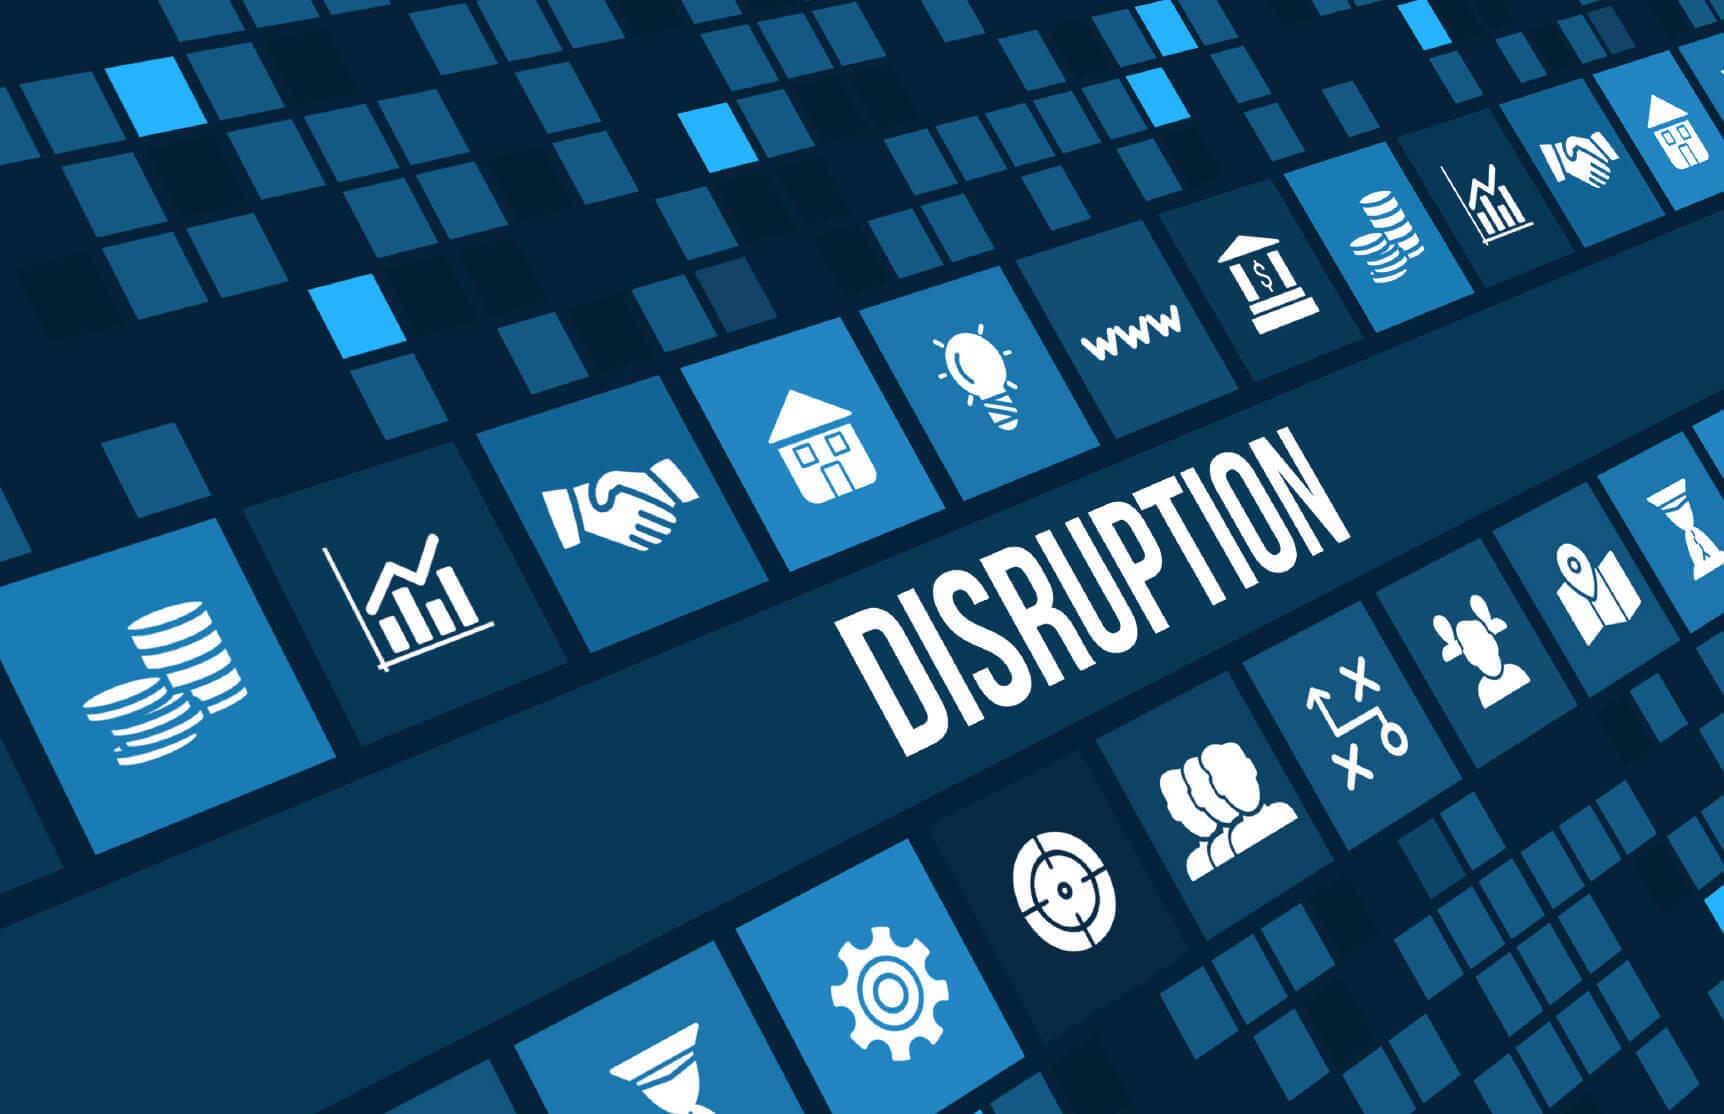 Il CEO cambia le regole del gioco nell'era della Digital Disruption